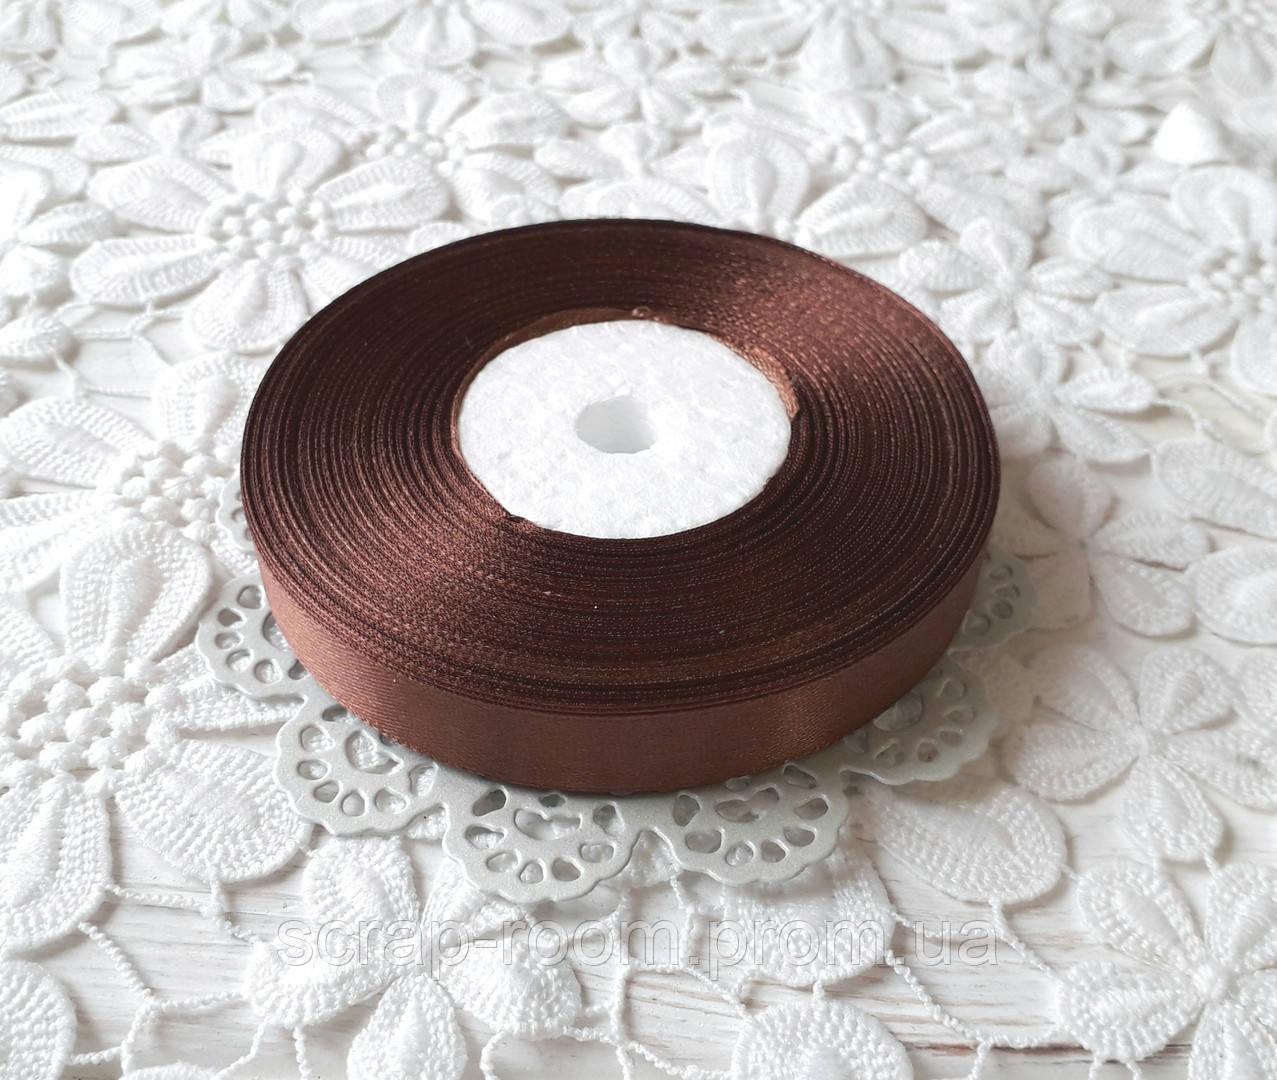 Лента атласная 1,2 см шоколадная, лента шоколадный атлас, лента атласная шоколадная, цена за метр